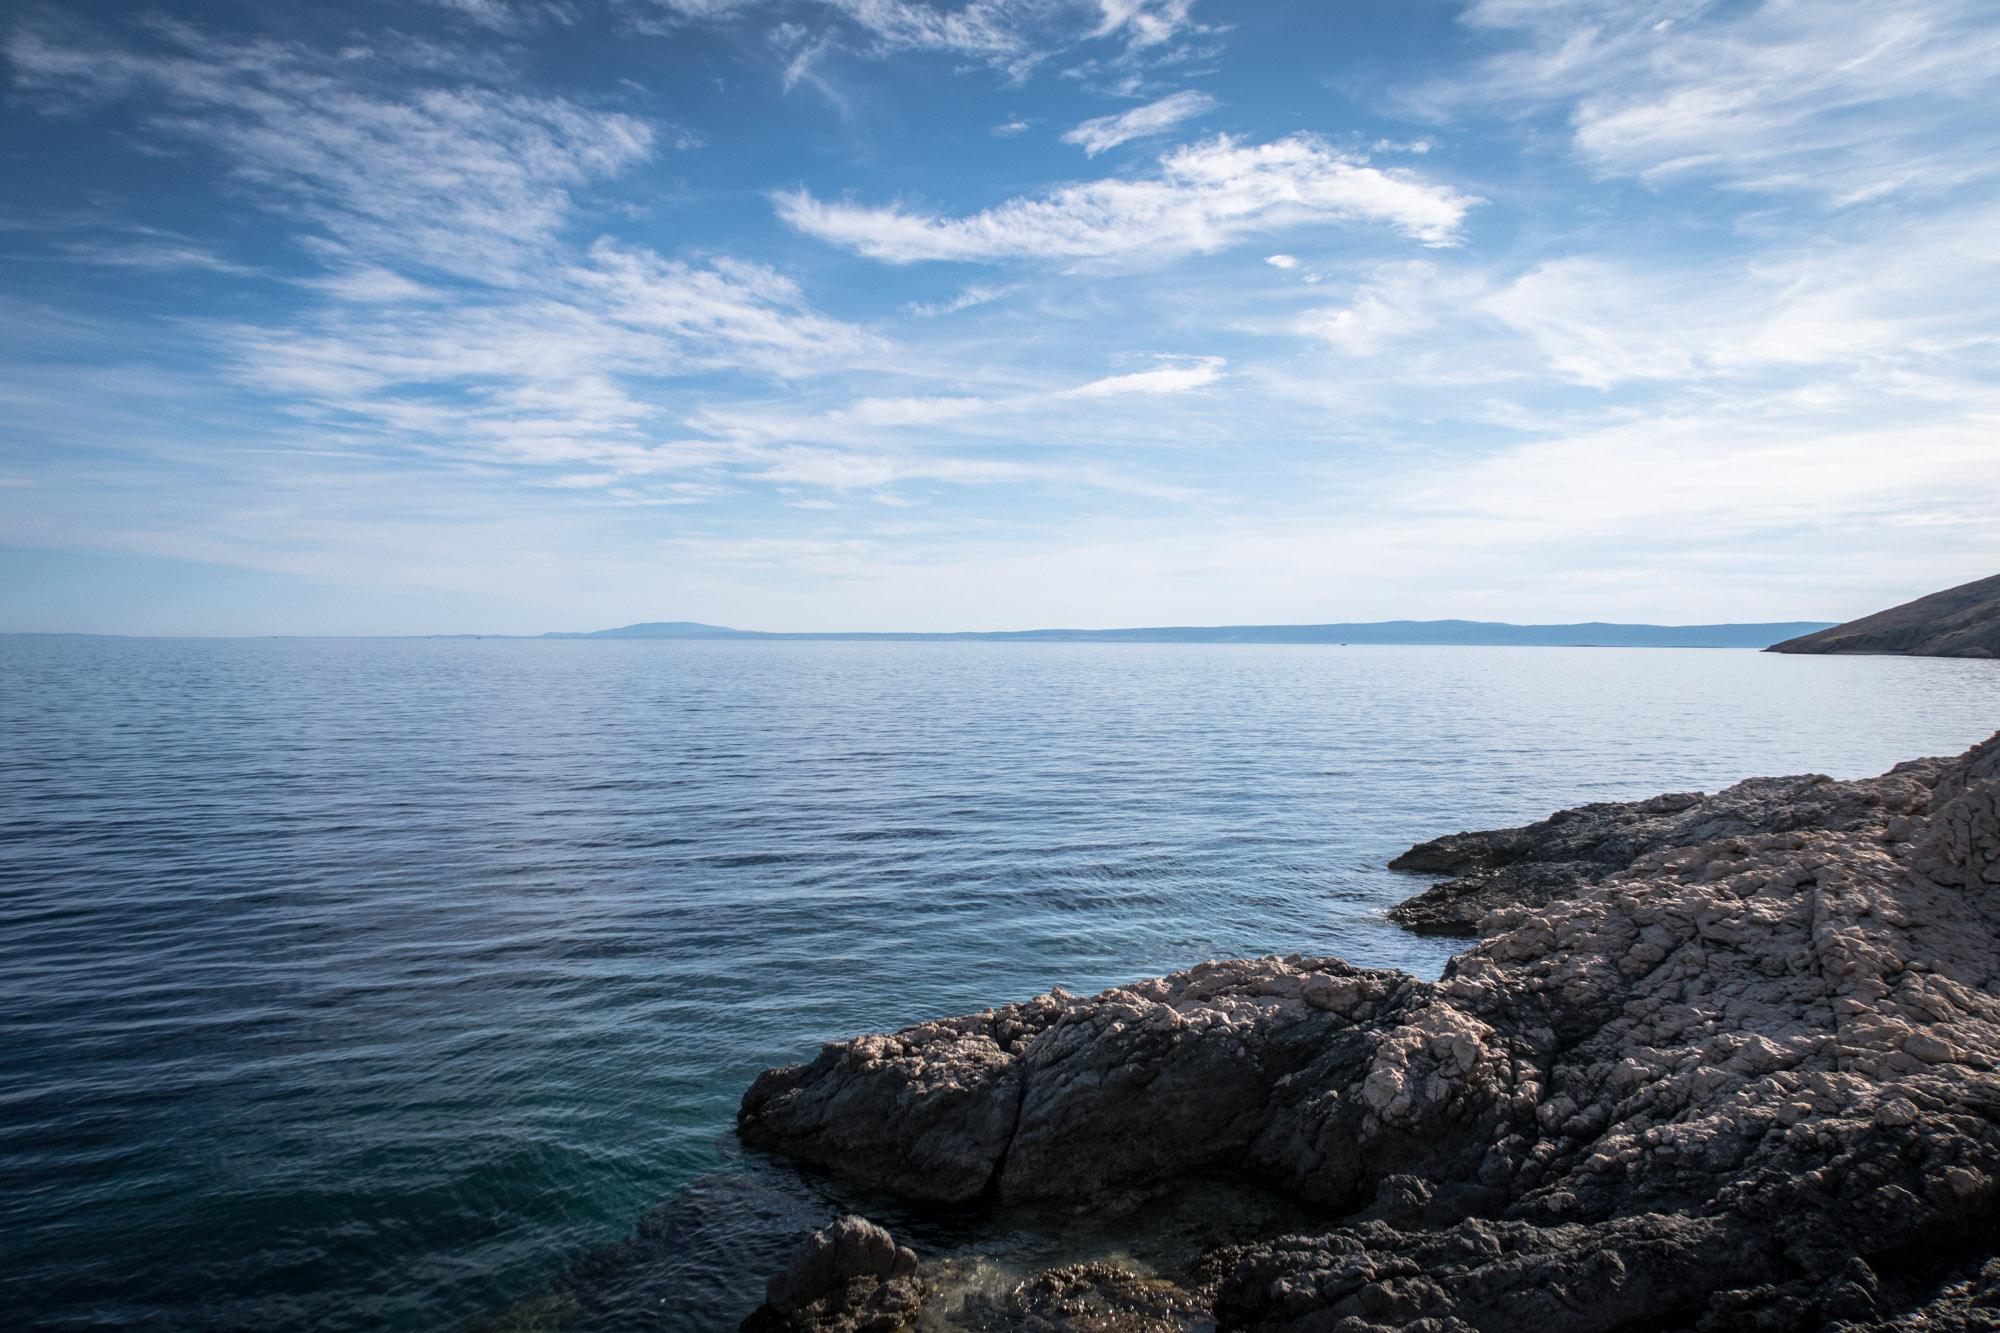 Ausblicke wie dieser lockte die Crew aus der Heimat nach Kroatien. (Foto: Sven Kueenle)